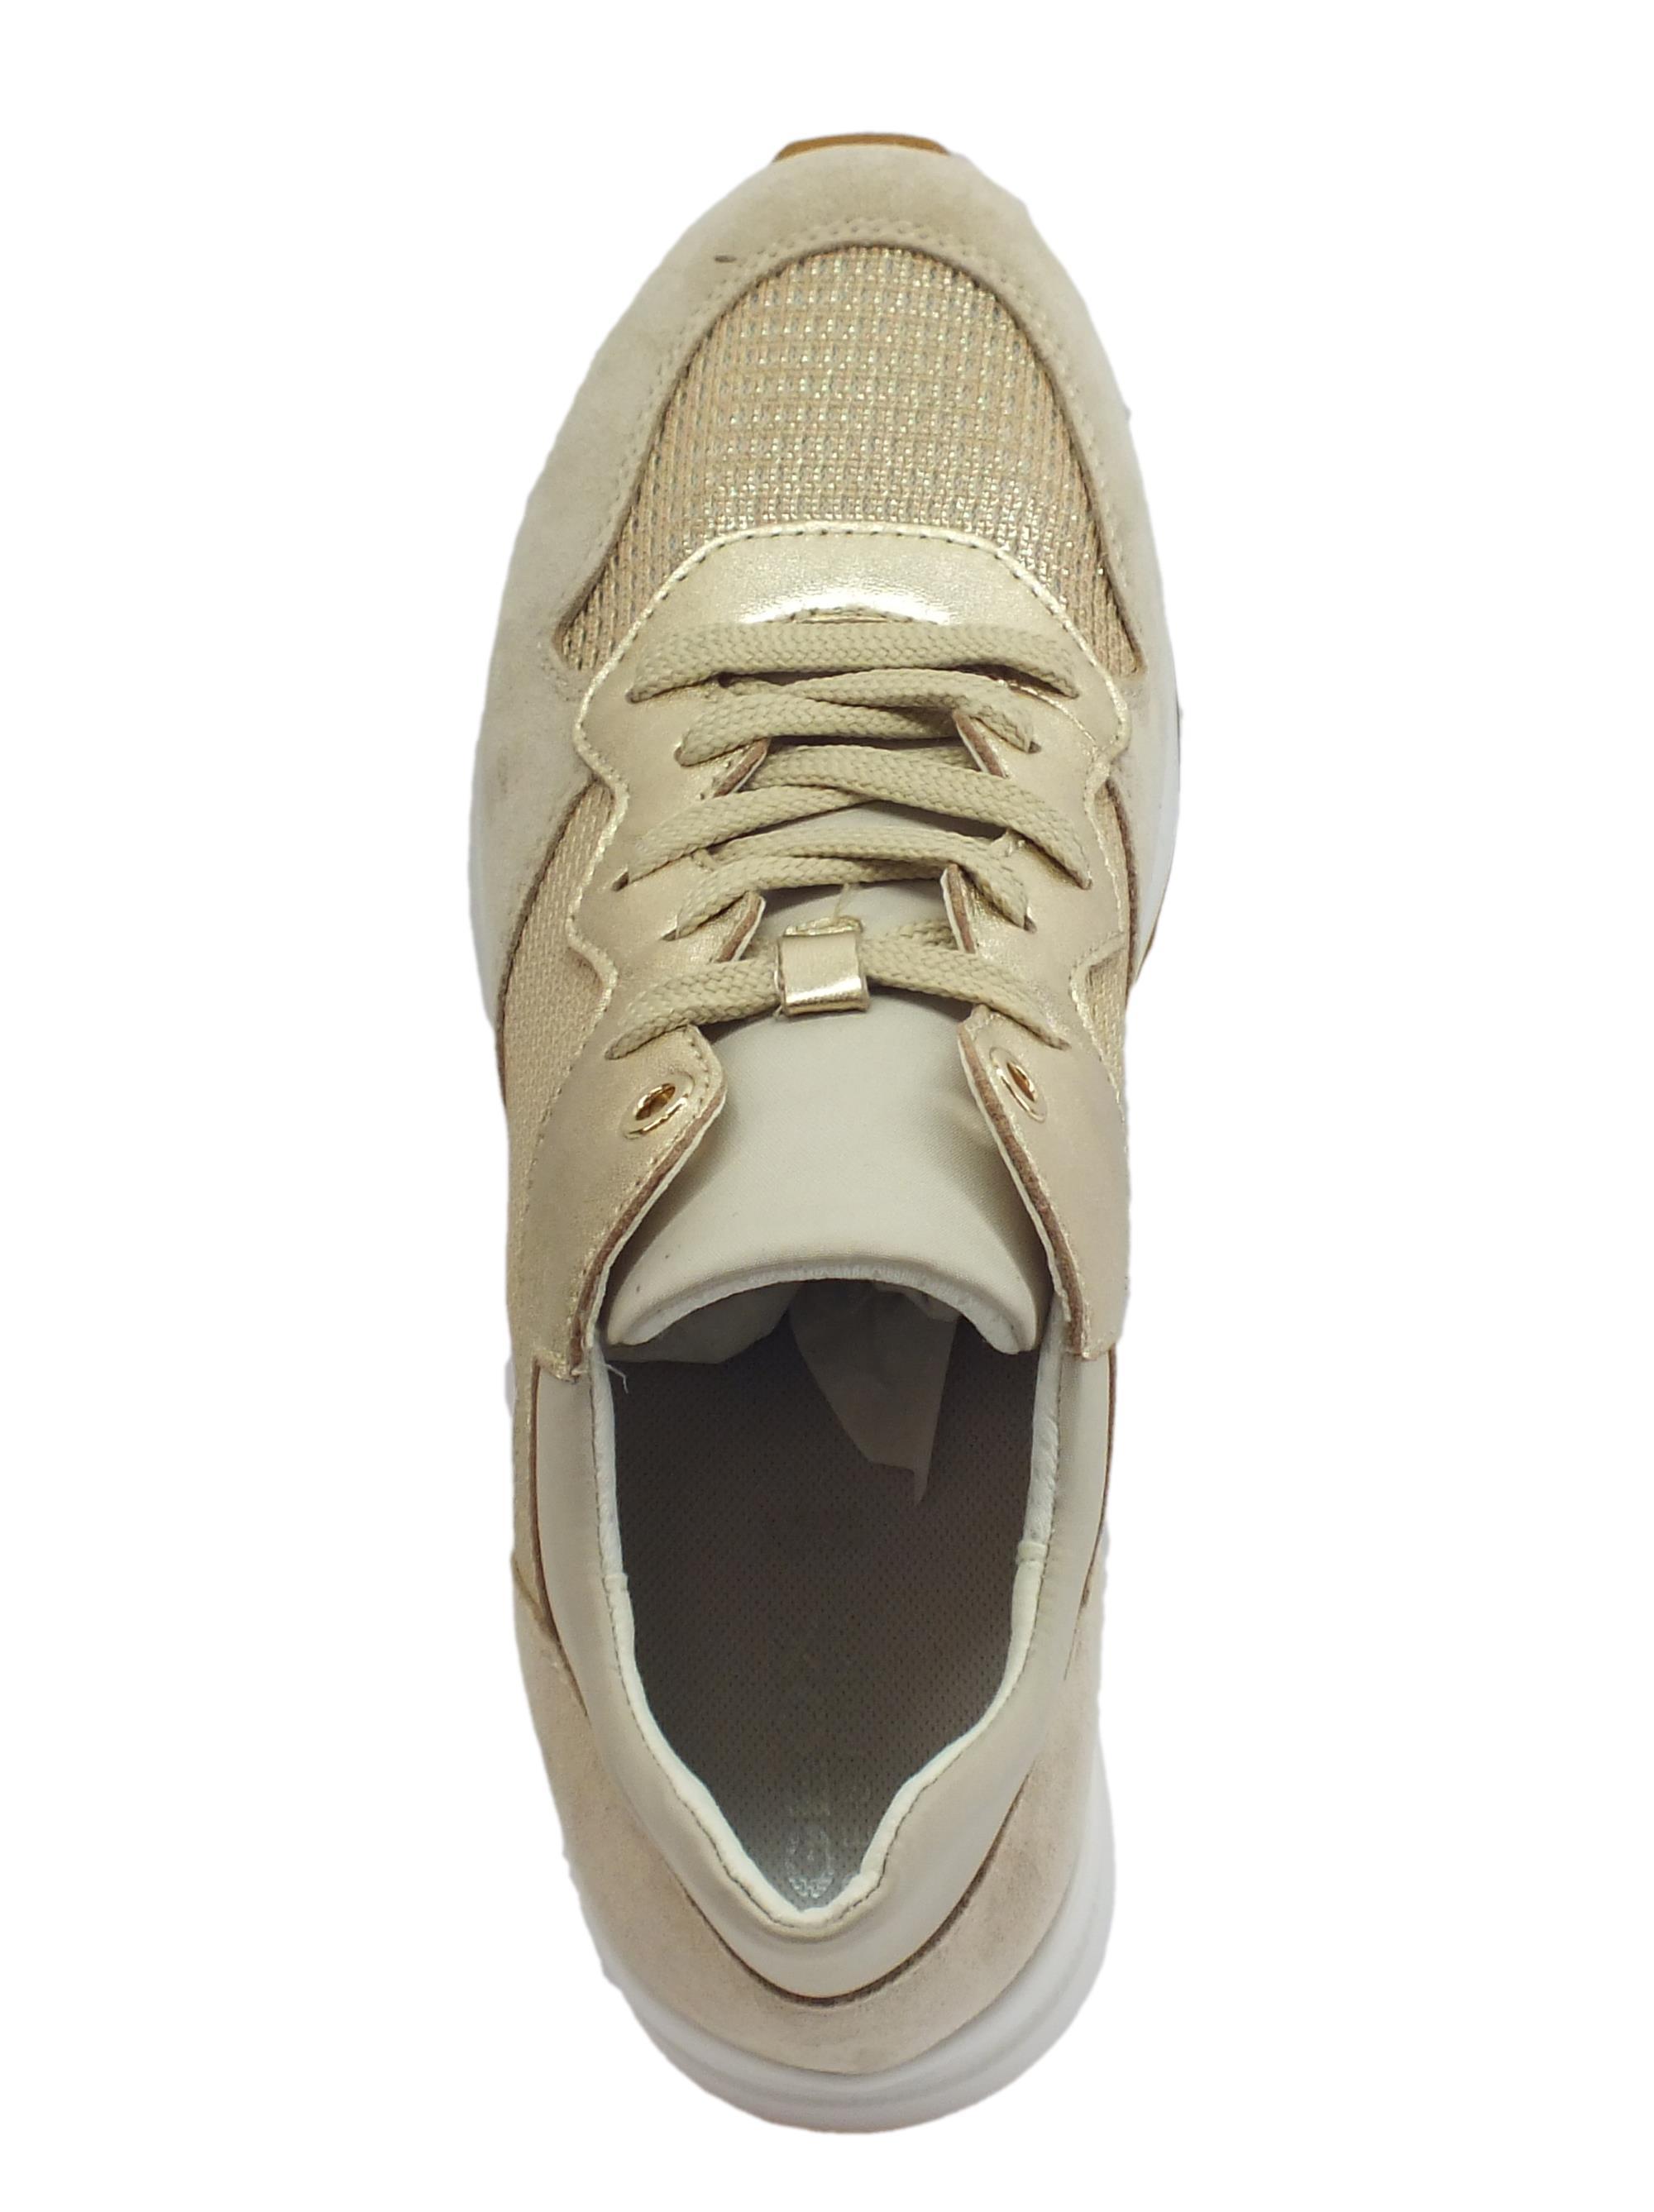 0f99365d45 Geox D Zosma sneakers donna in vernice camoscio e tessuto champagne taupe  zeppa alta